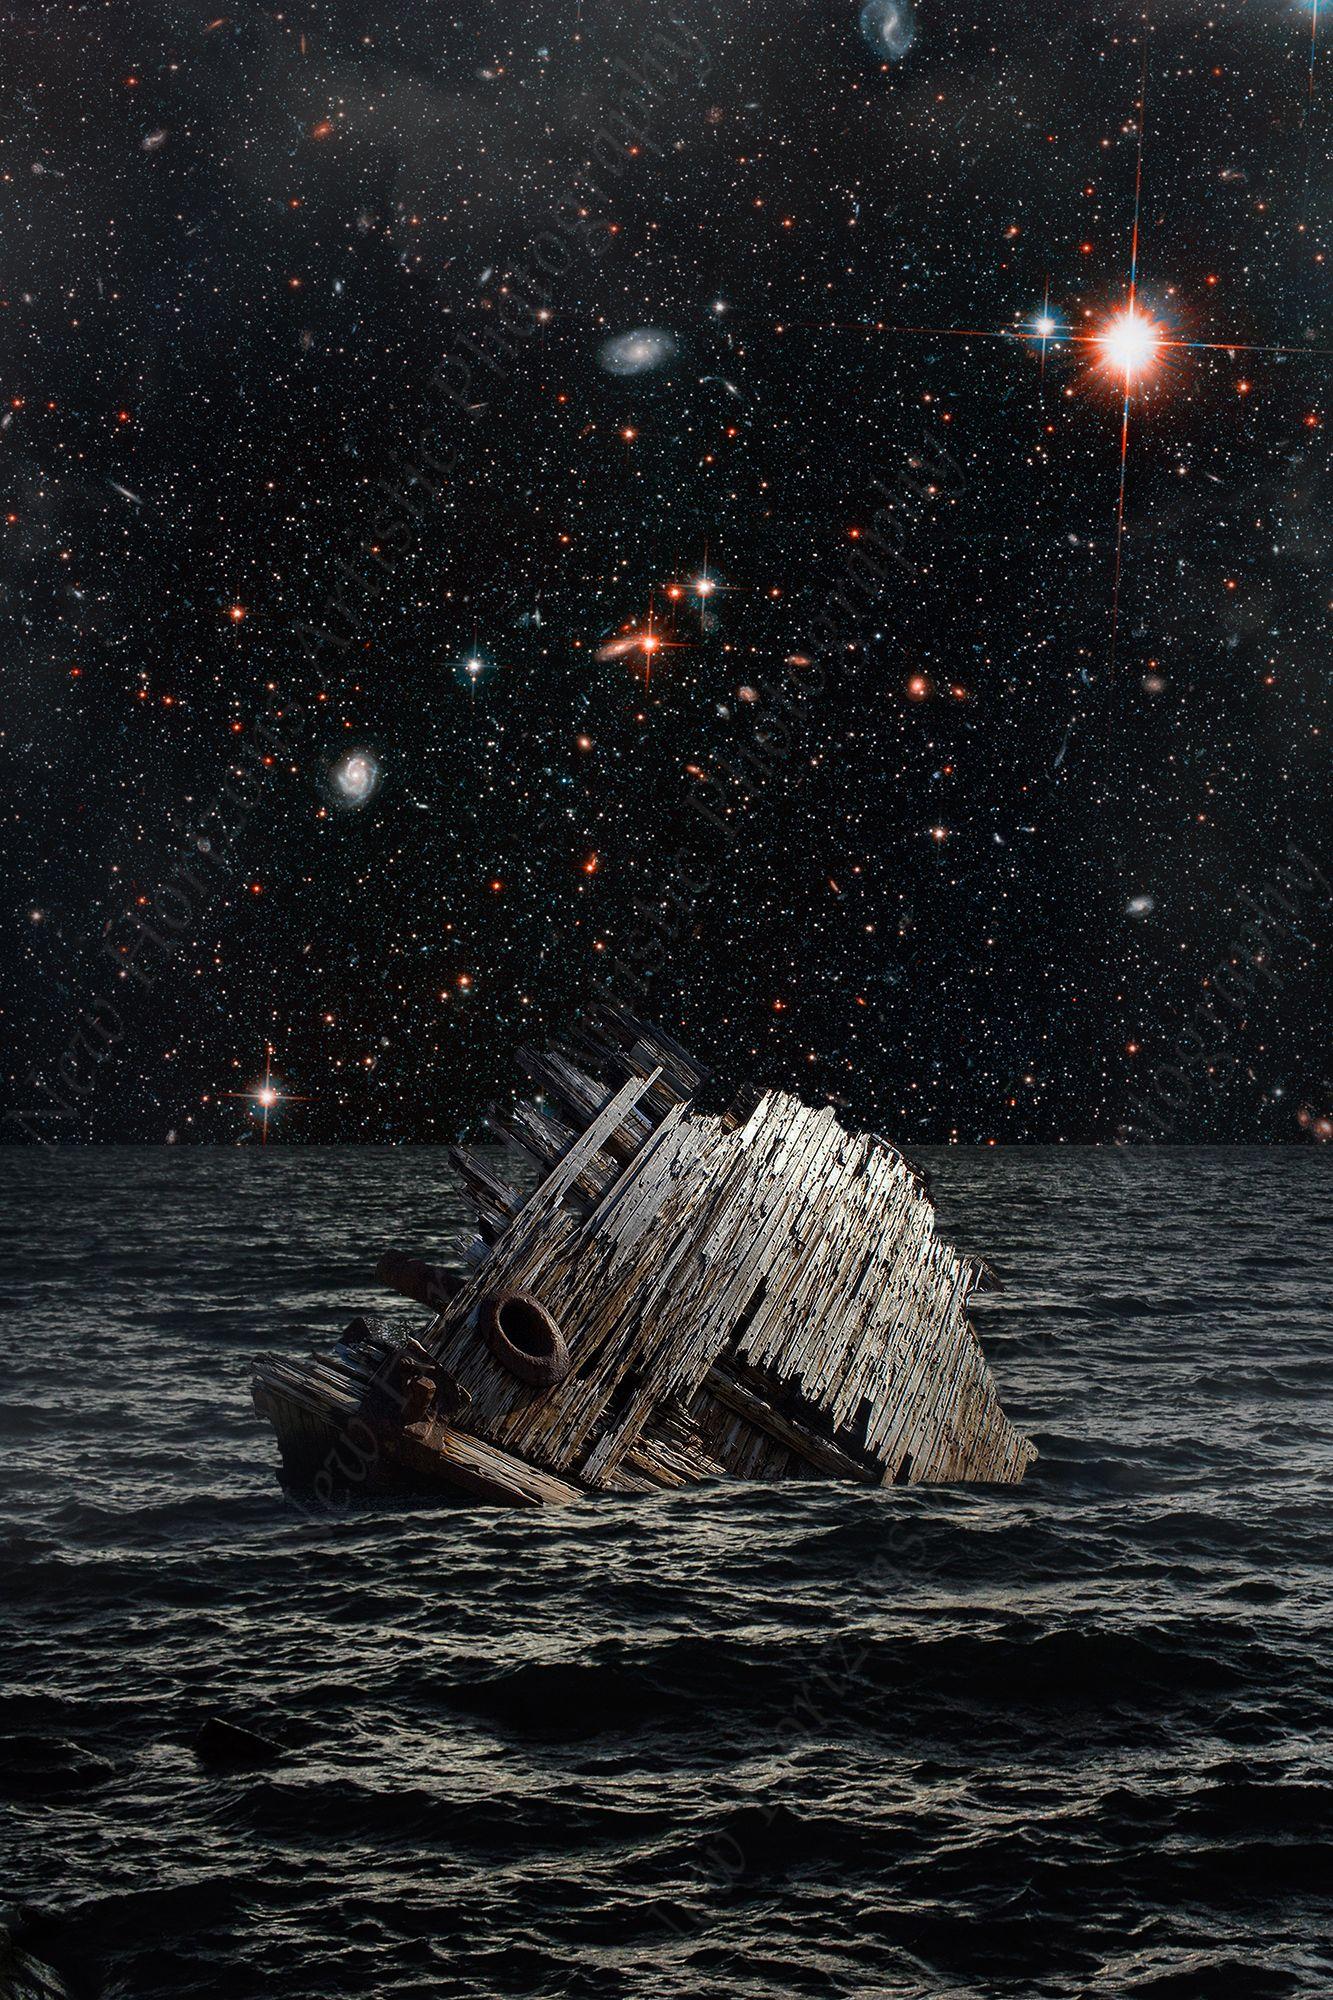 The Wreck at Blackwater Bay